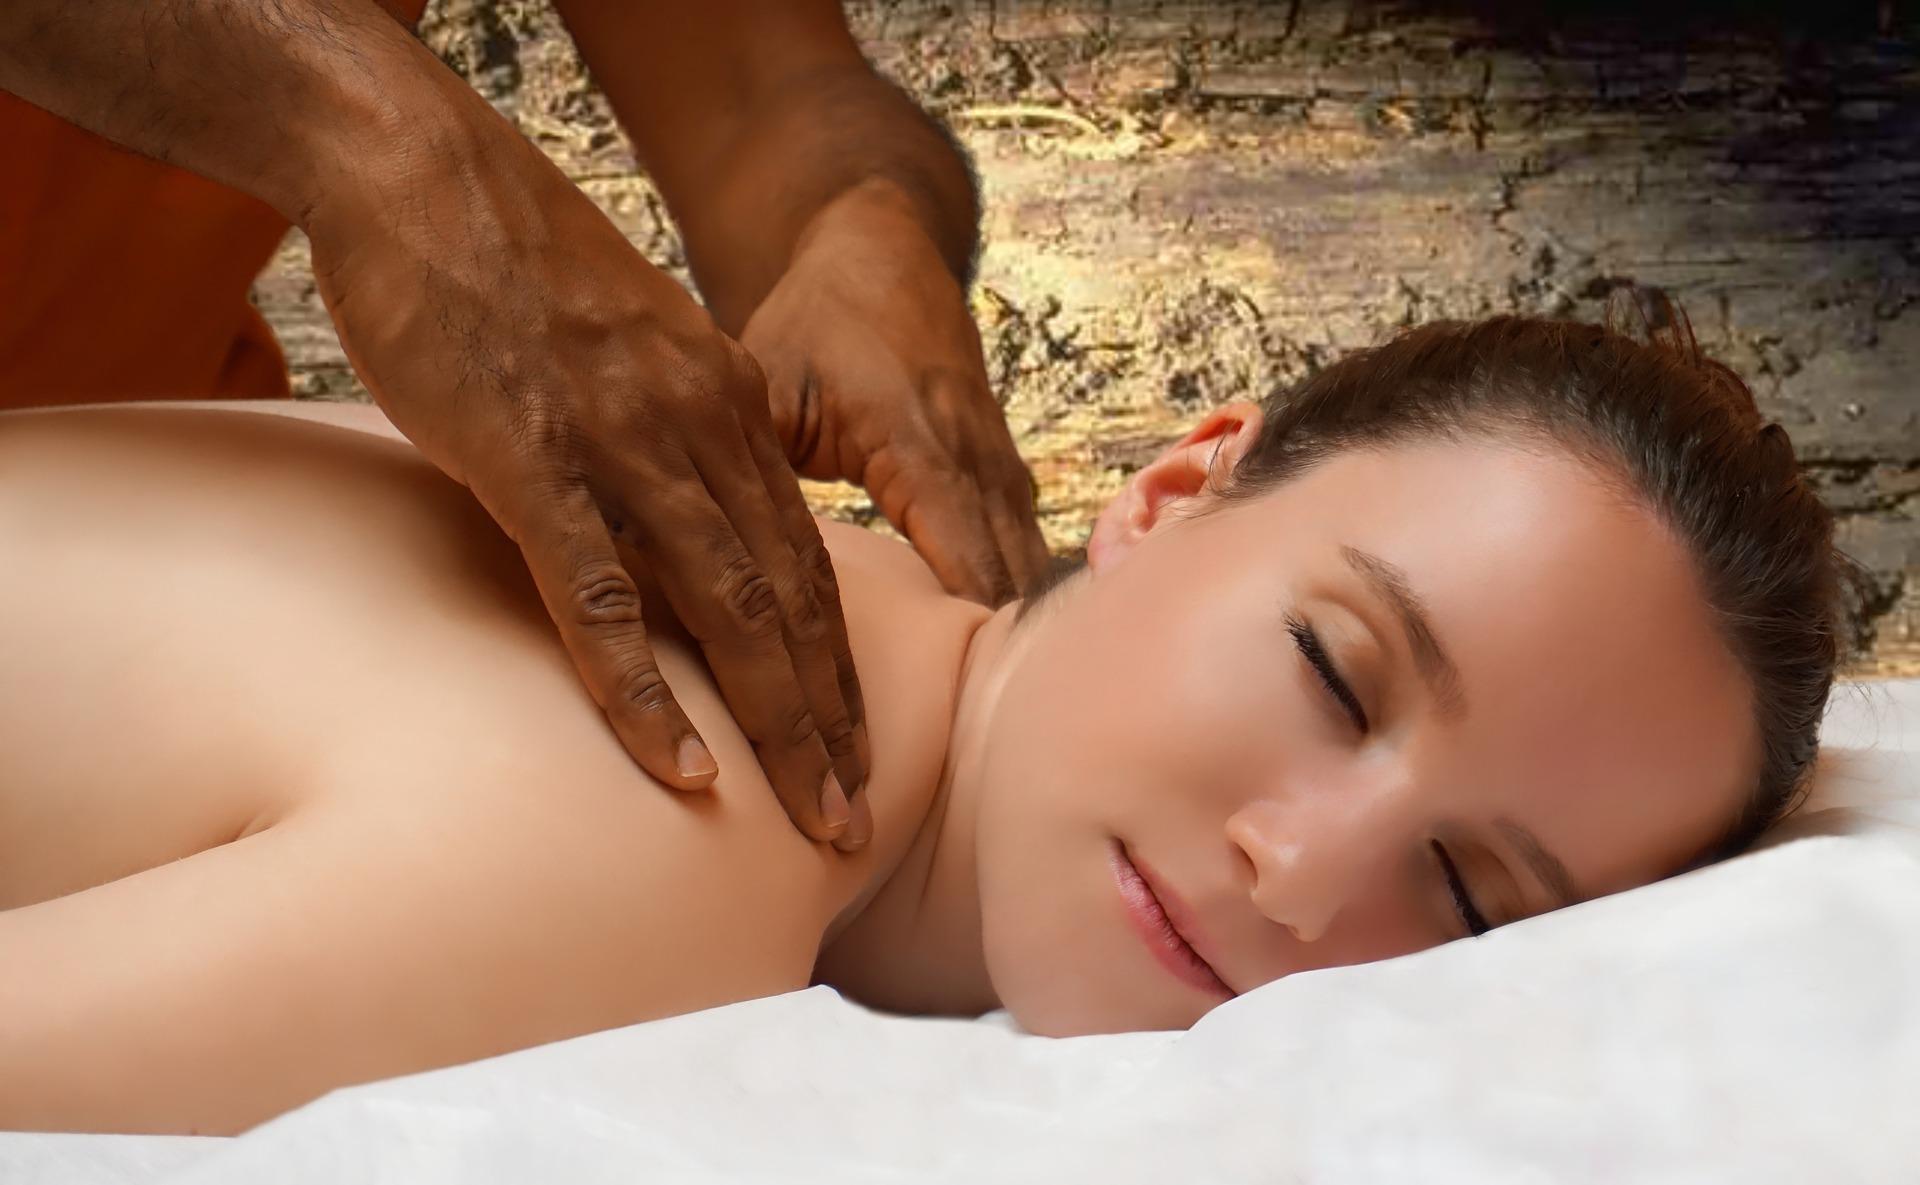 Смотреть секс в массажном кабинете грудастой красотки, черный плащ секс эротические игры